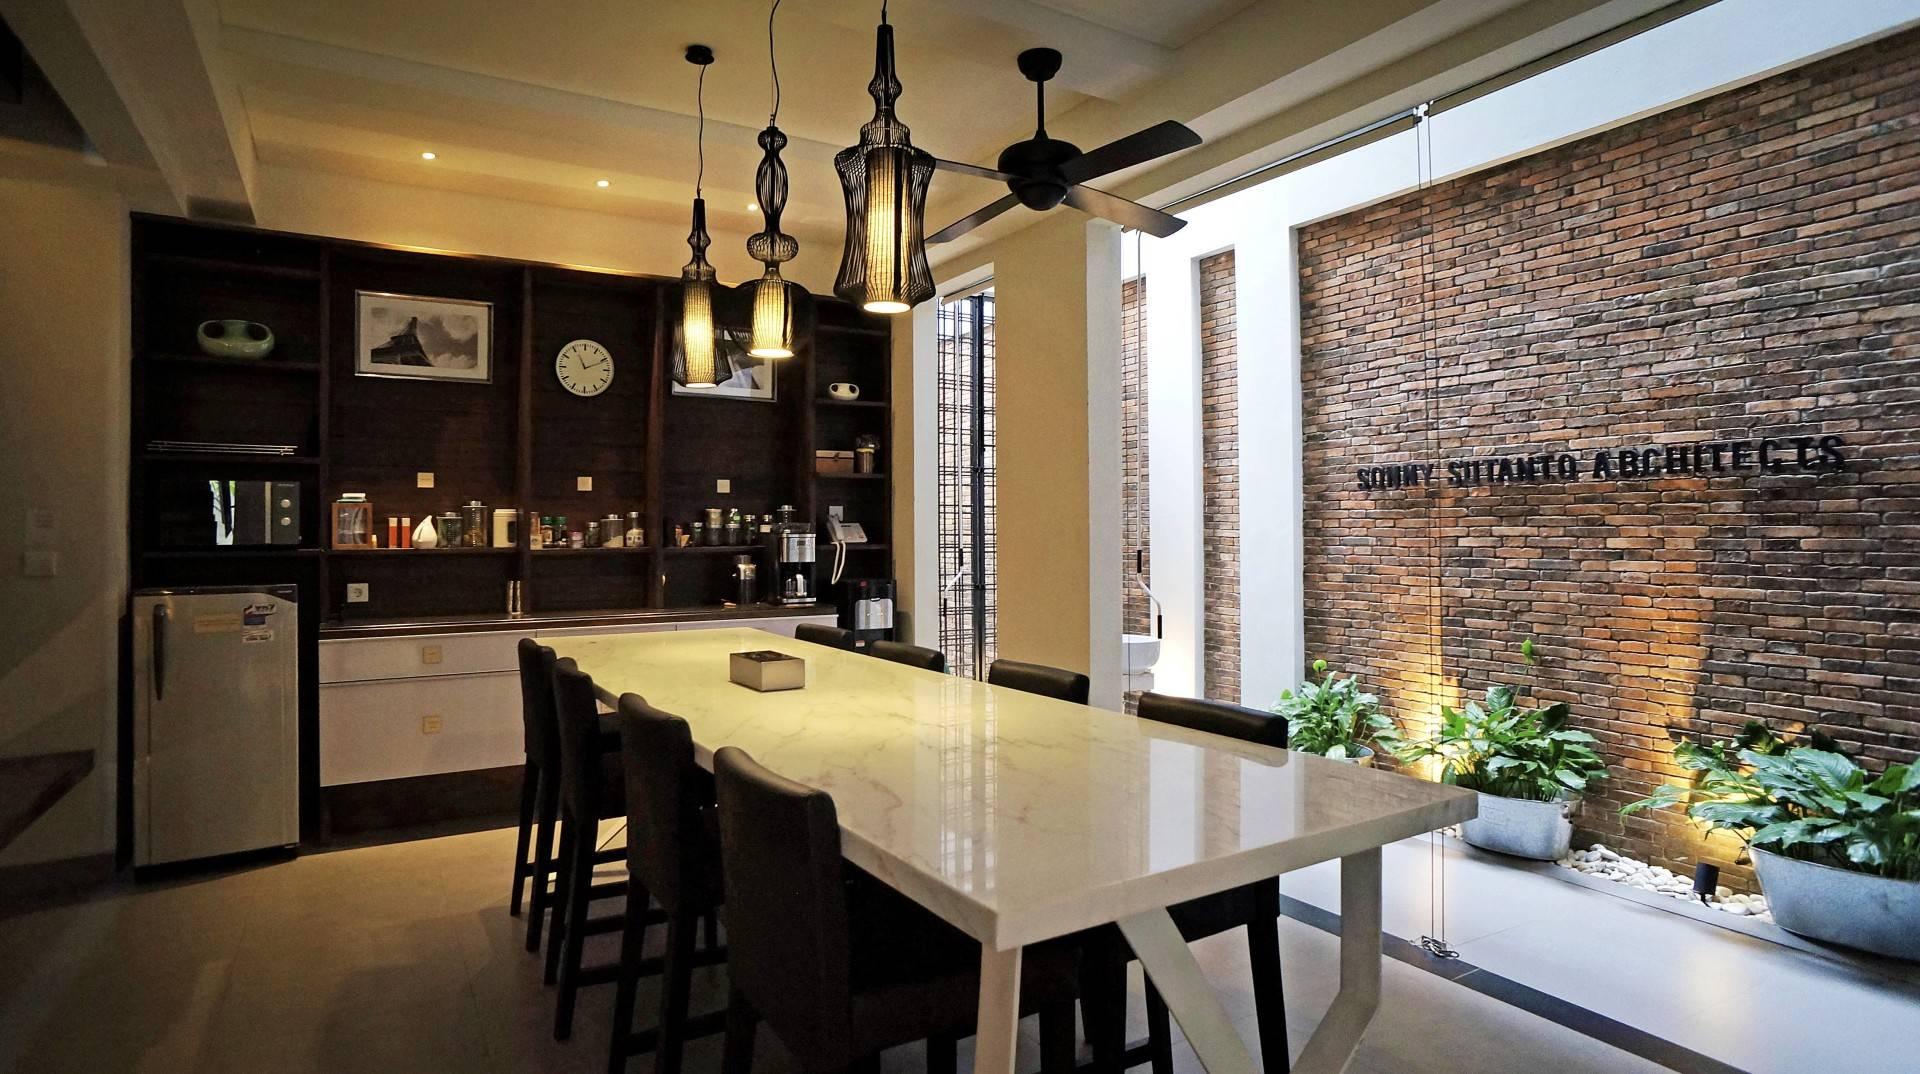 Ruang makan yang nyaman didukung pencahayaan alami dan buatan (Sumber: arsitag.com)